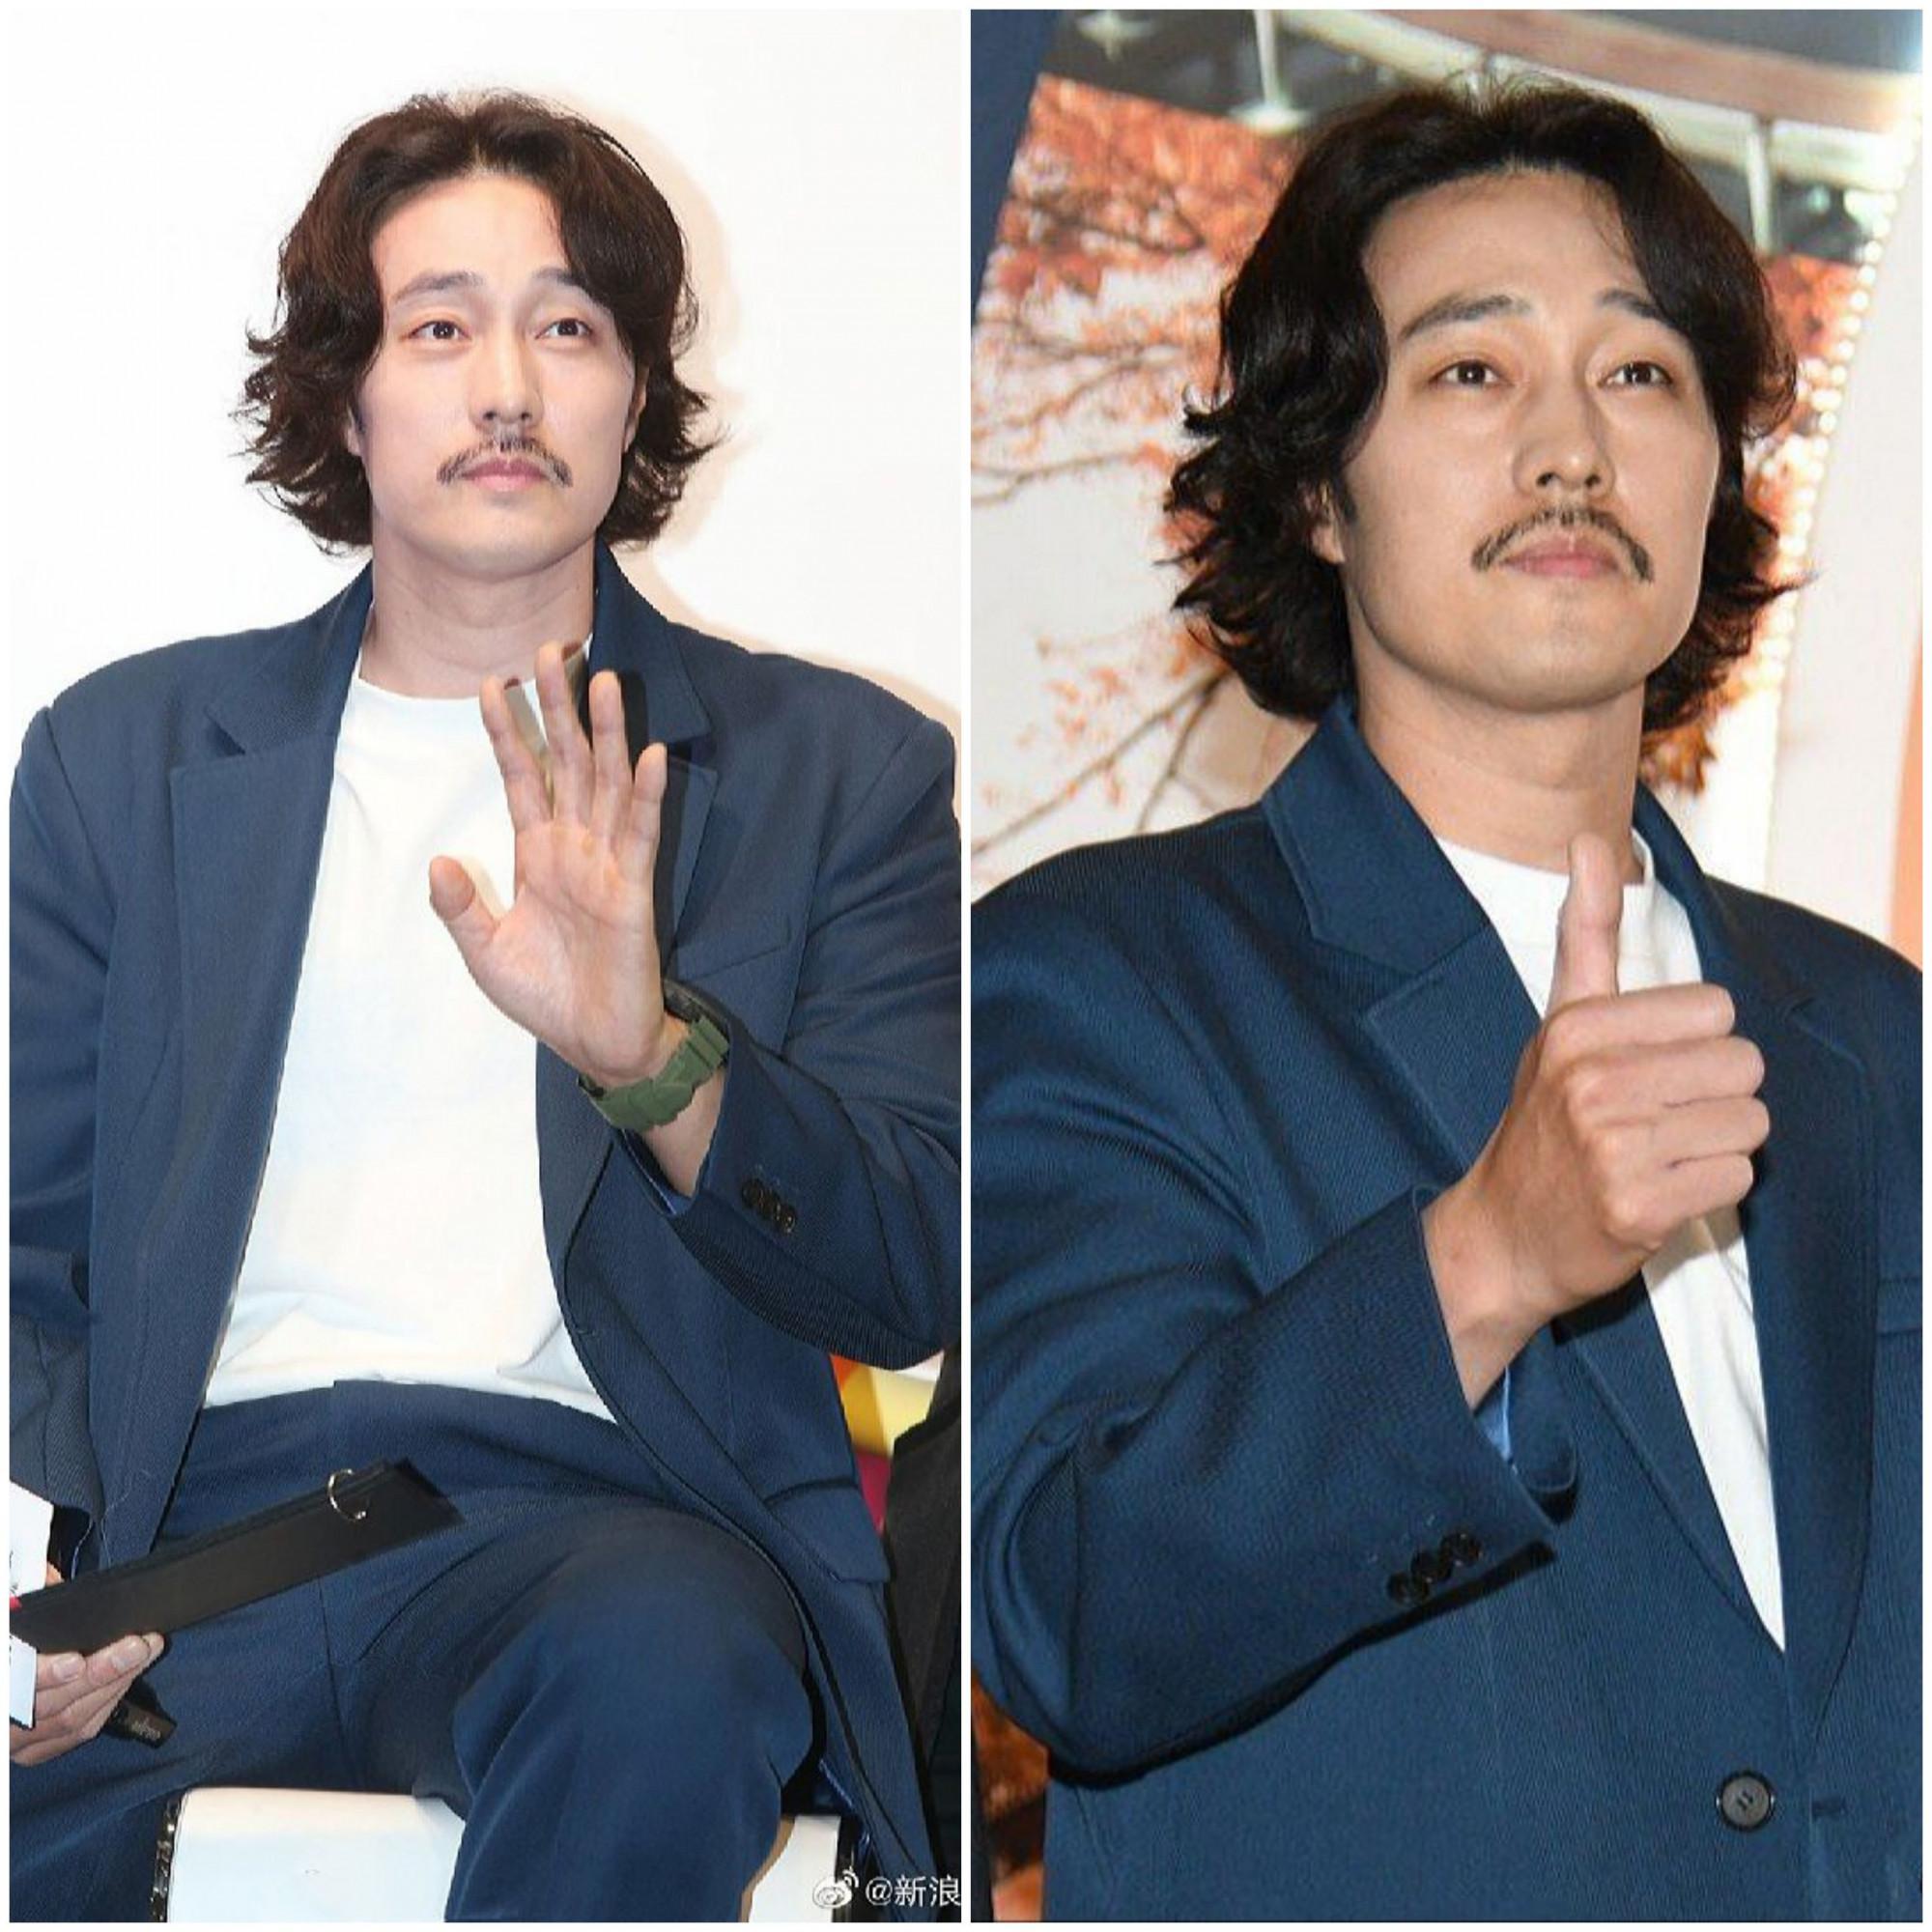 Đầu tháng 11, nam diễn viên khiến khán giả ngỡ ngàng khi xuất hiện bởi ngoại hình phát tướng, râu tóc xuề xòa.